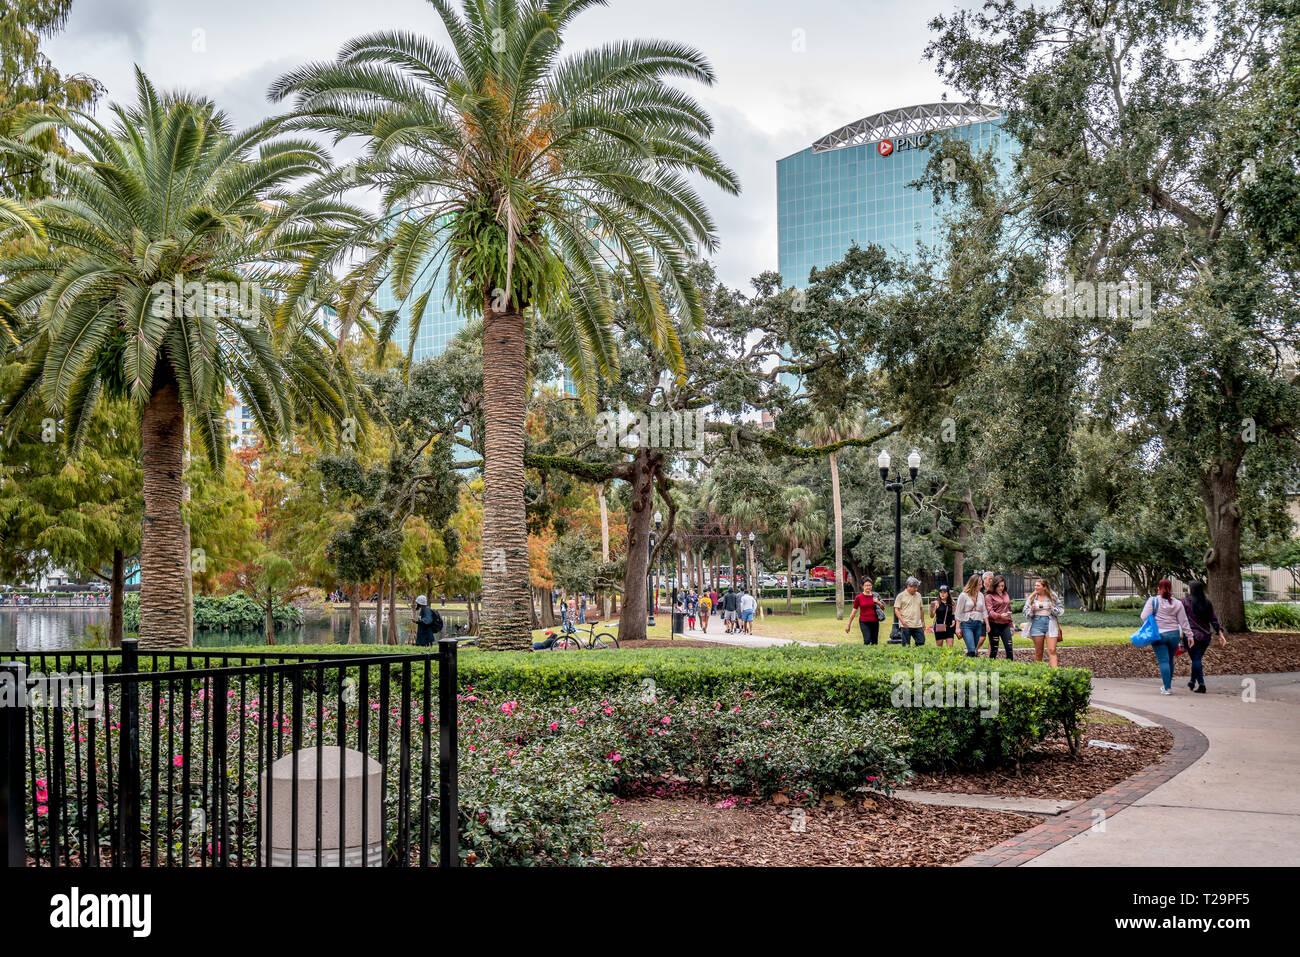 ORLANDO, Florida, EE.UU. - Diciembre, 2018: Lake Eola Park, un destino popular para los festivales, conciertos, paseos de recaudación de fondos e incluso bodas. Foto de stock